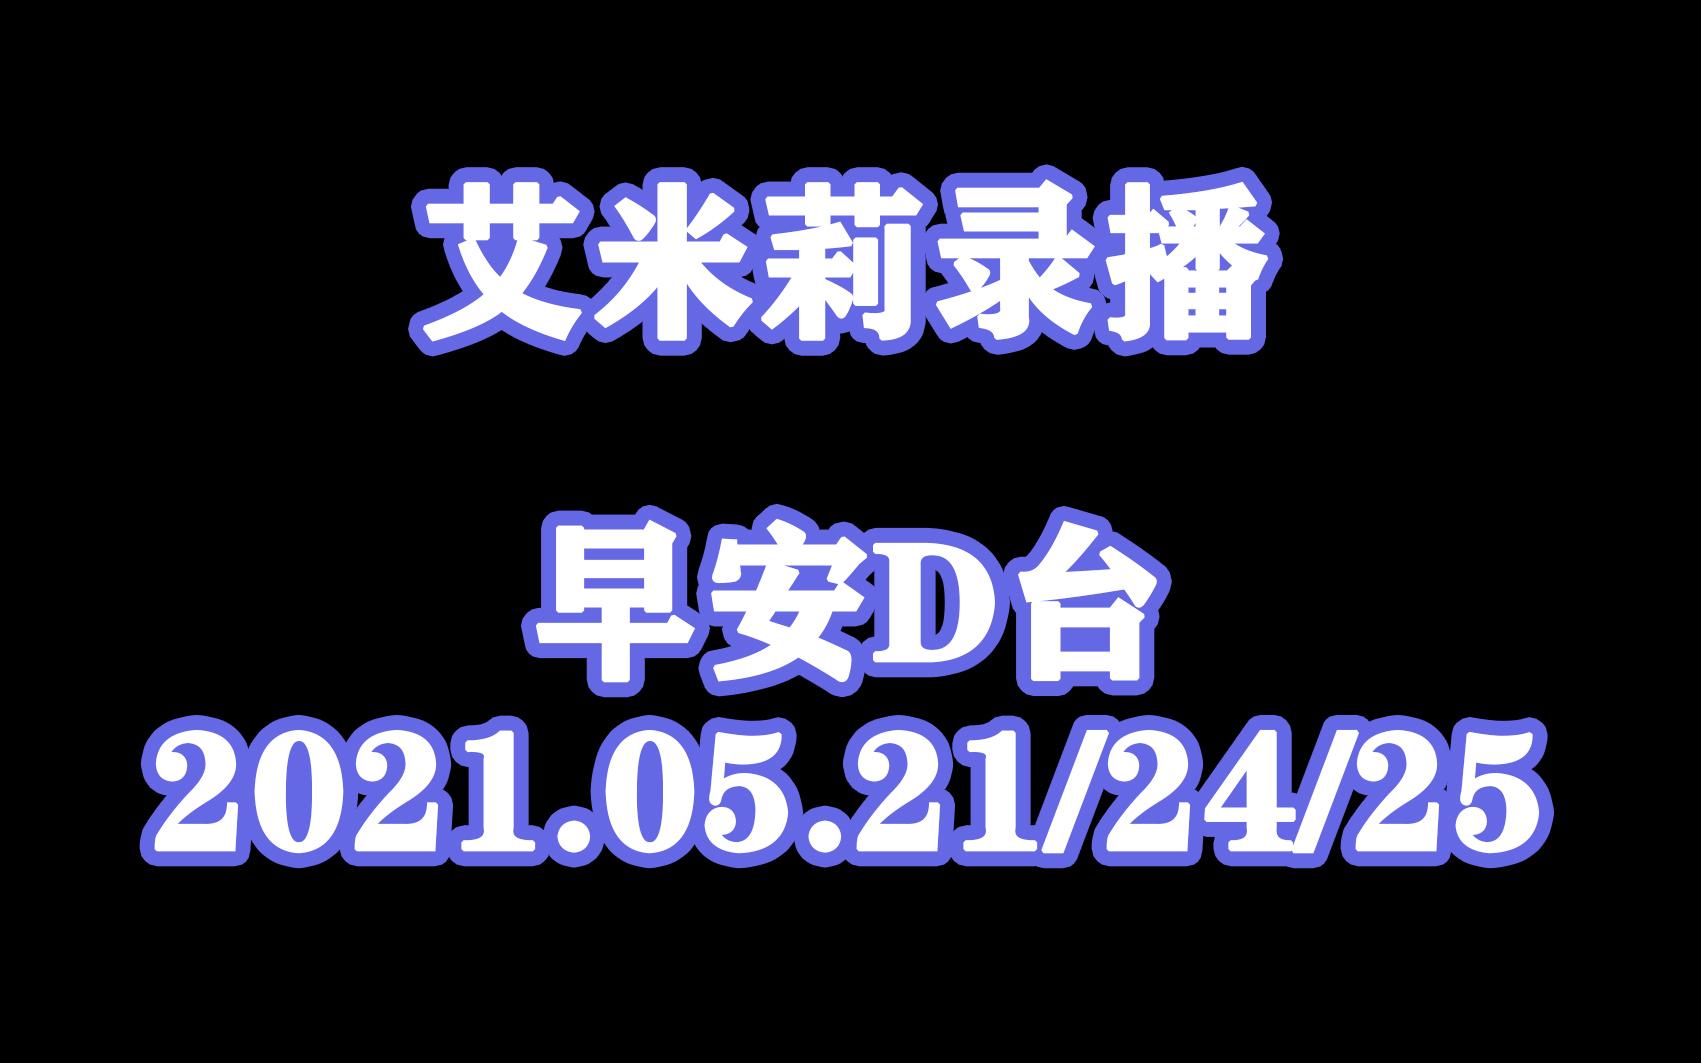 ✟艾米莉Emily✟2021.05.21/05.24/05.25【早安D台】